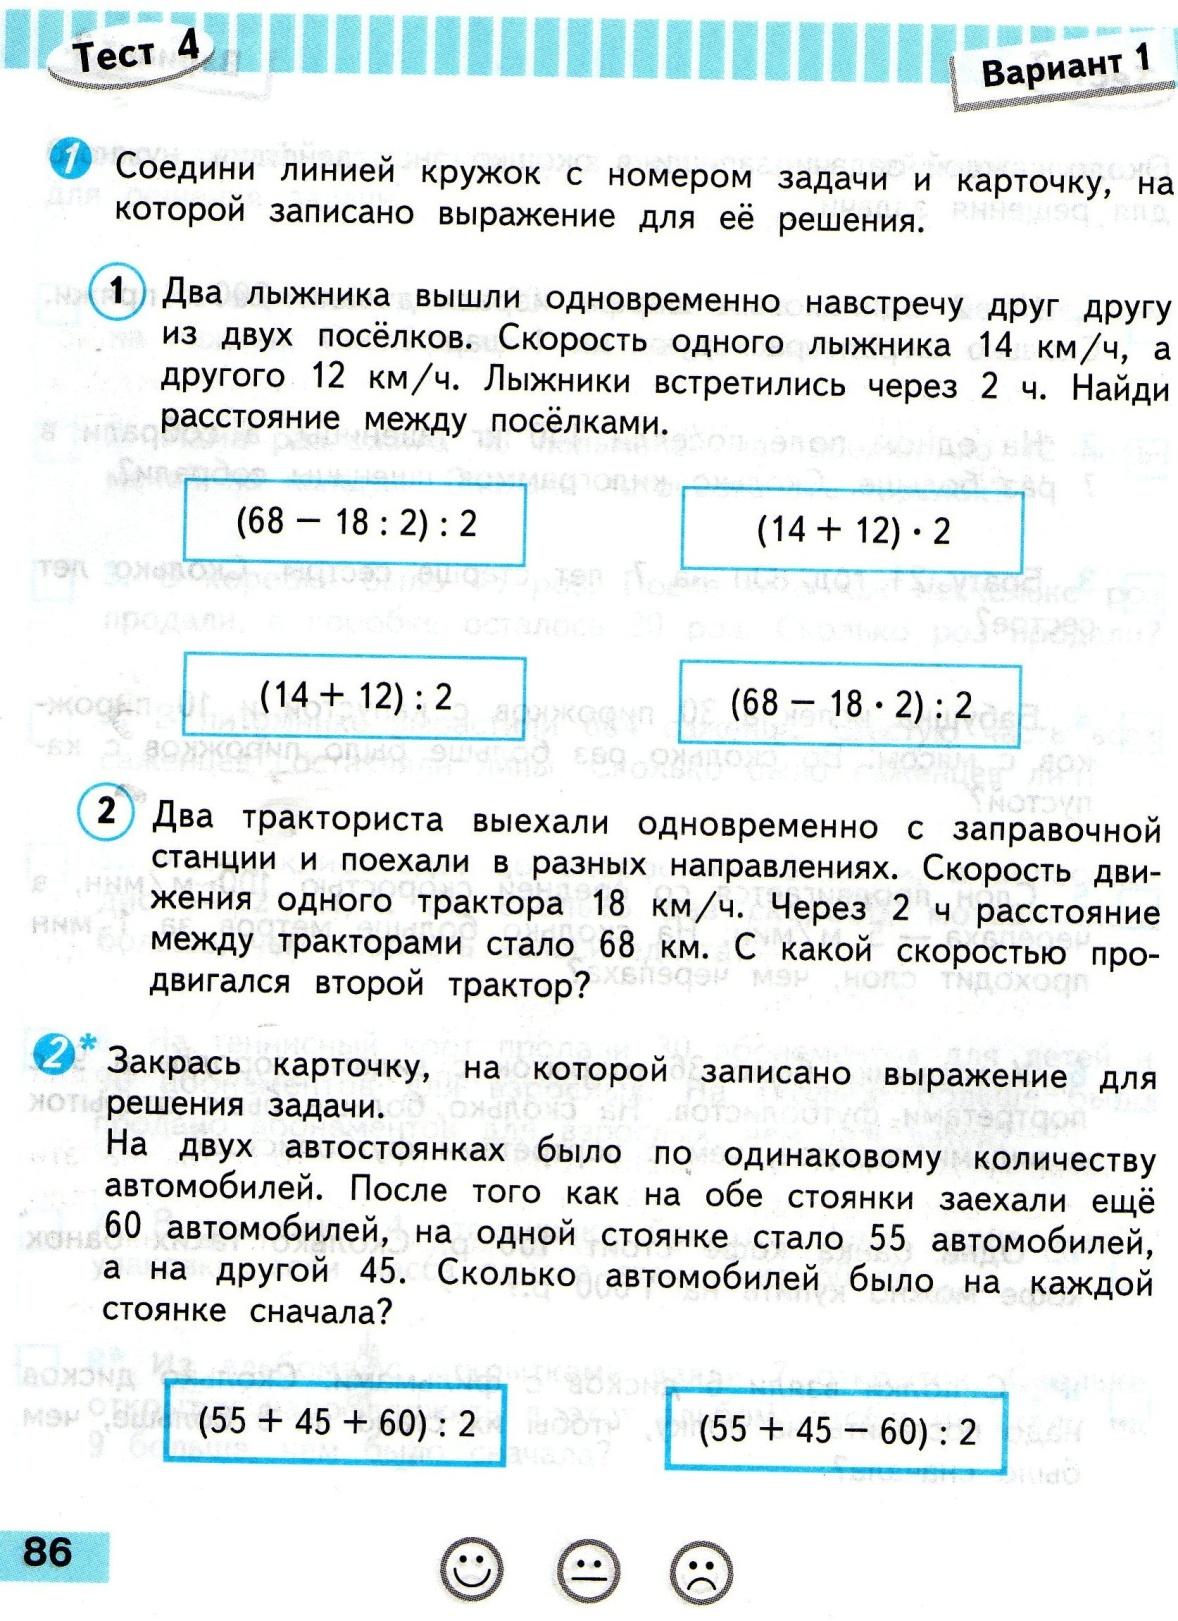 C:\Documents and Settings\Admin\Мои документы\Мои рисунки\1585.jpg